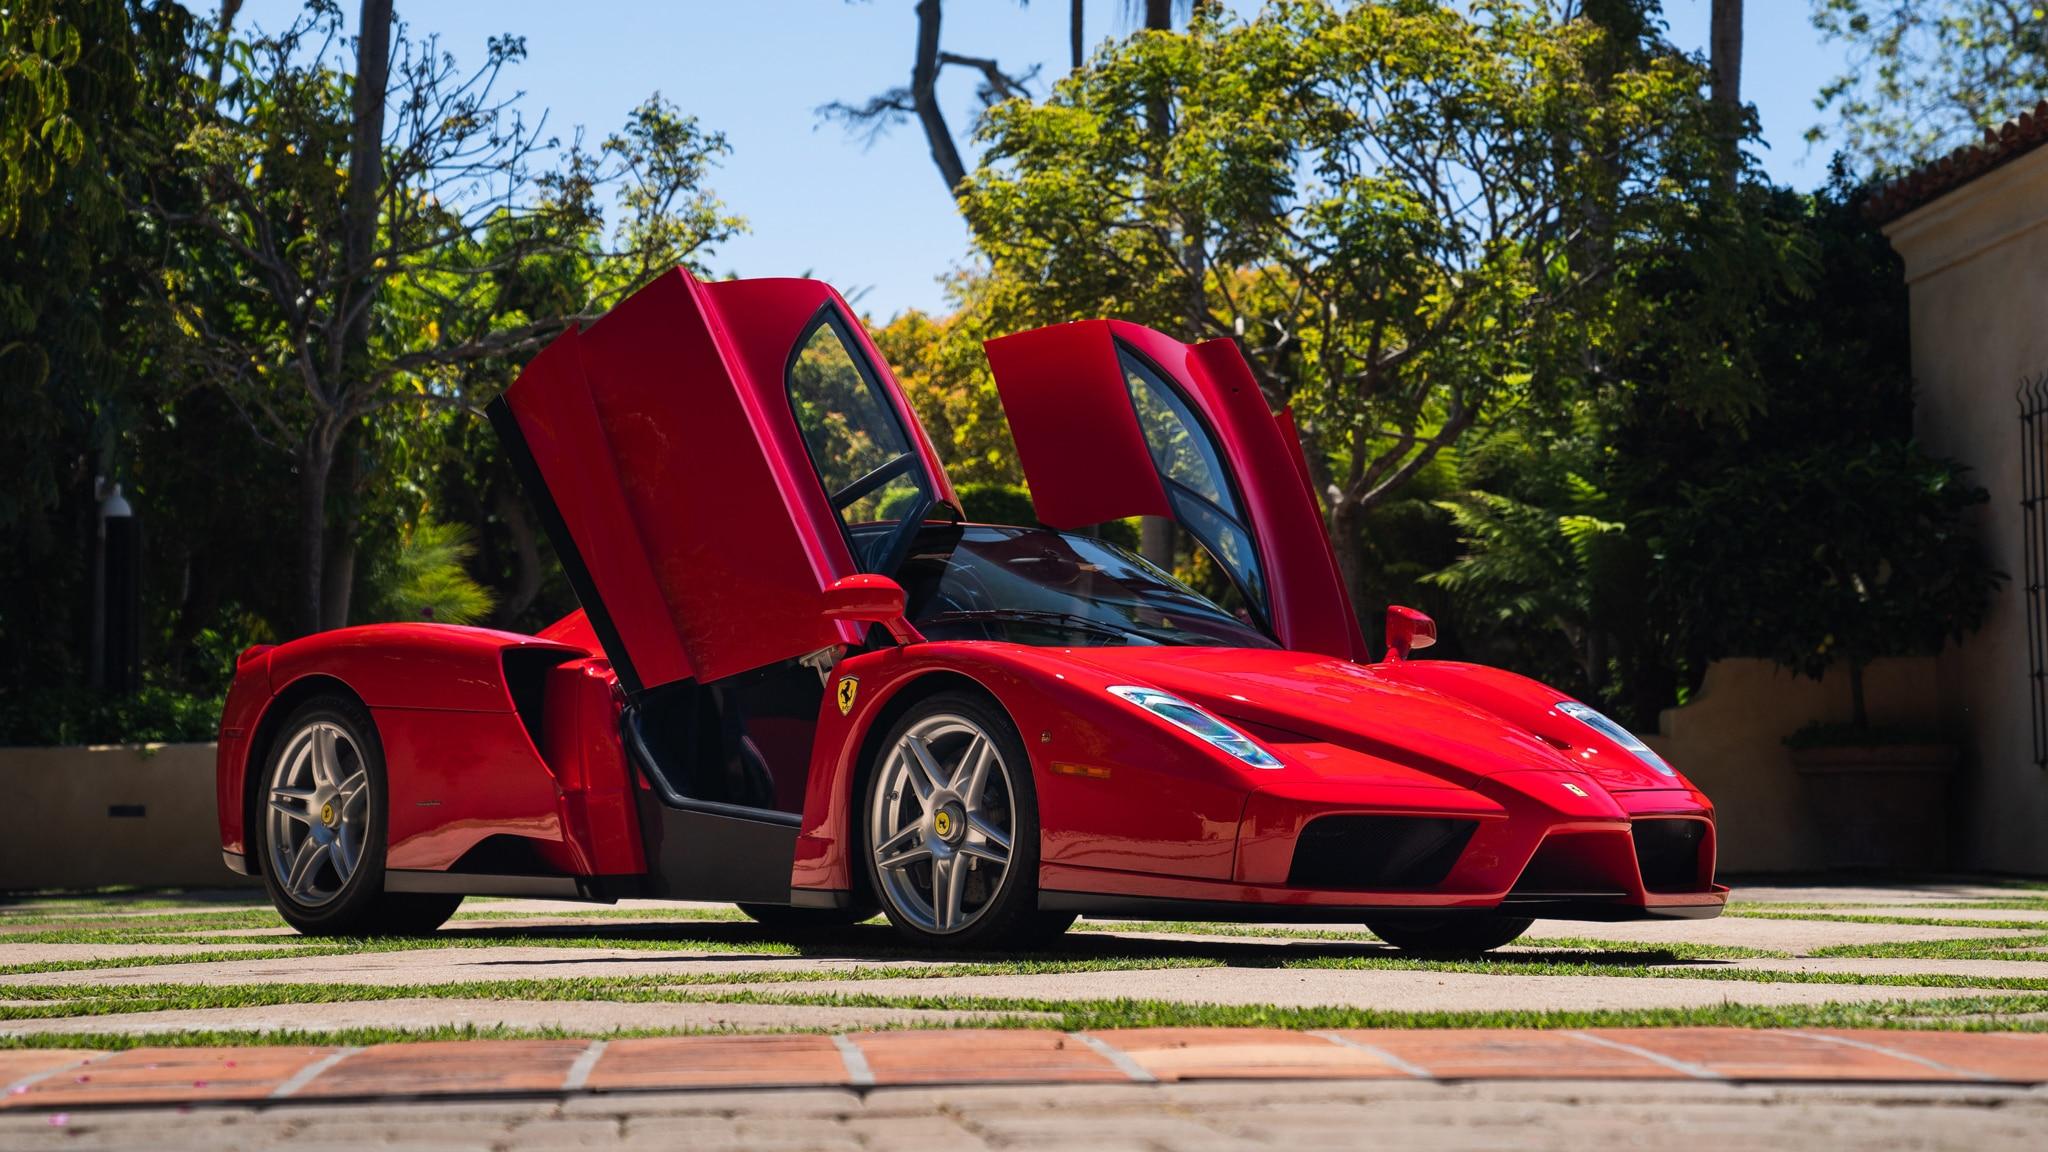 Ferrari Enzo Sets New Online Auction Sales Record At 2 64 Million Auction Wrap Up